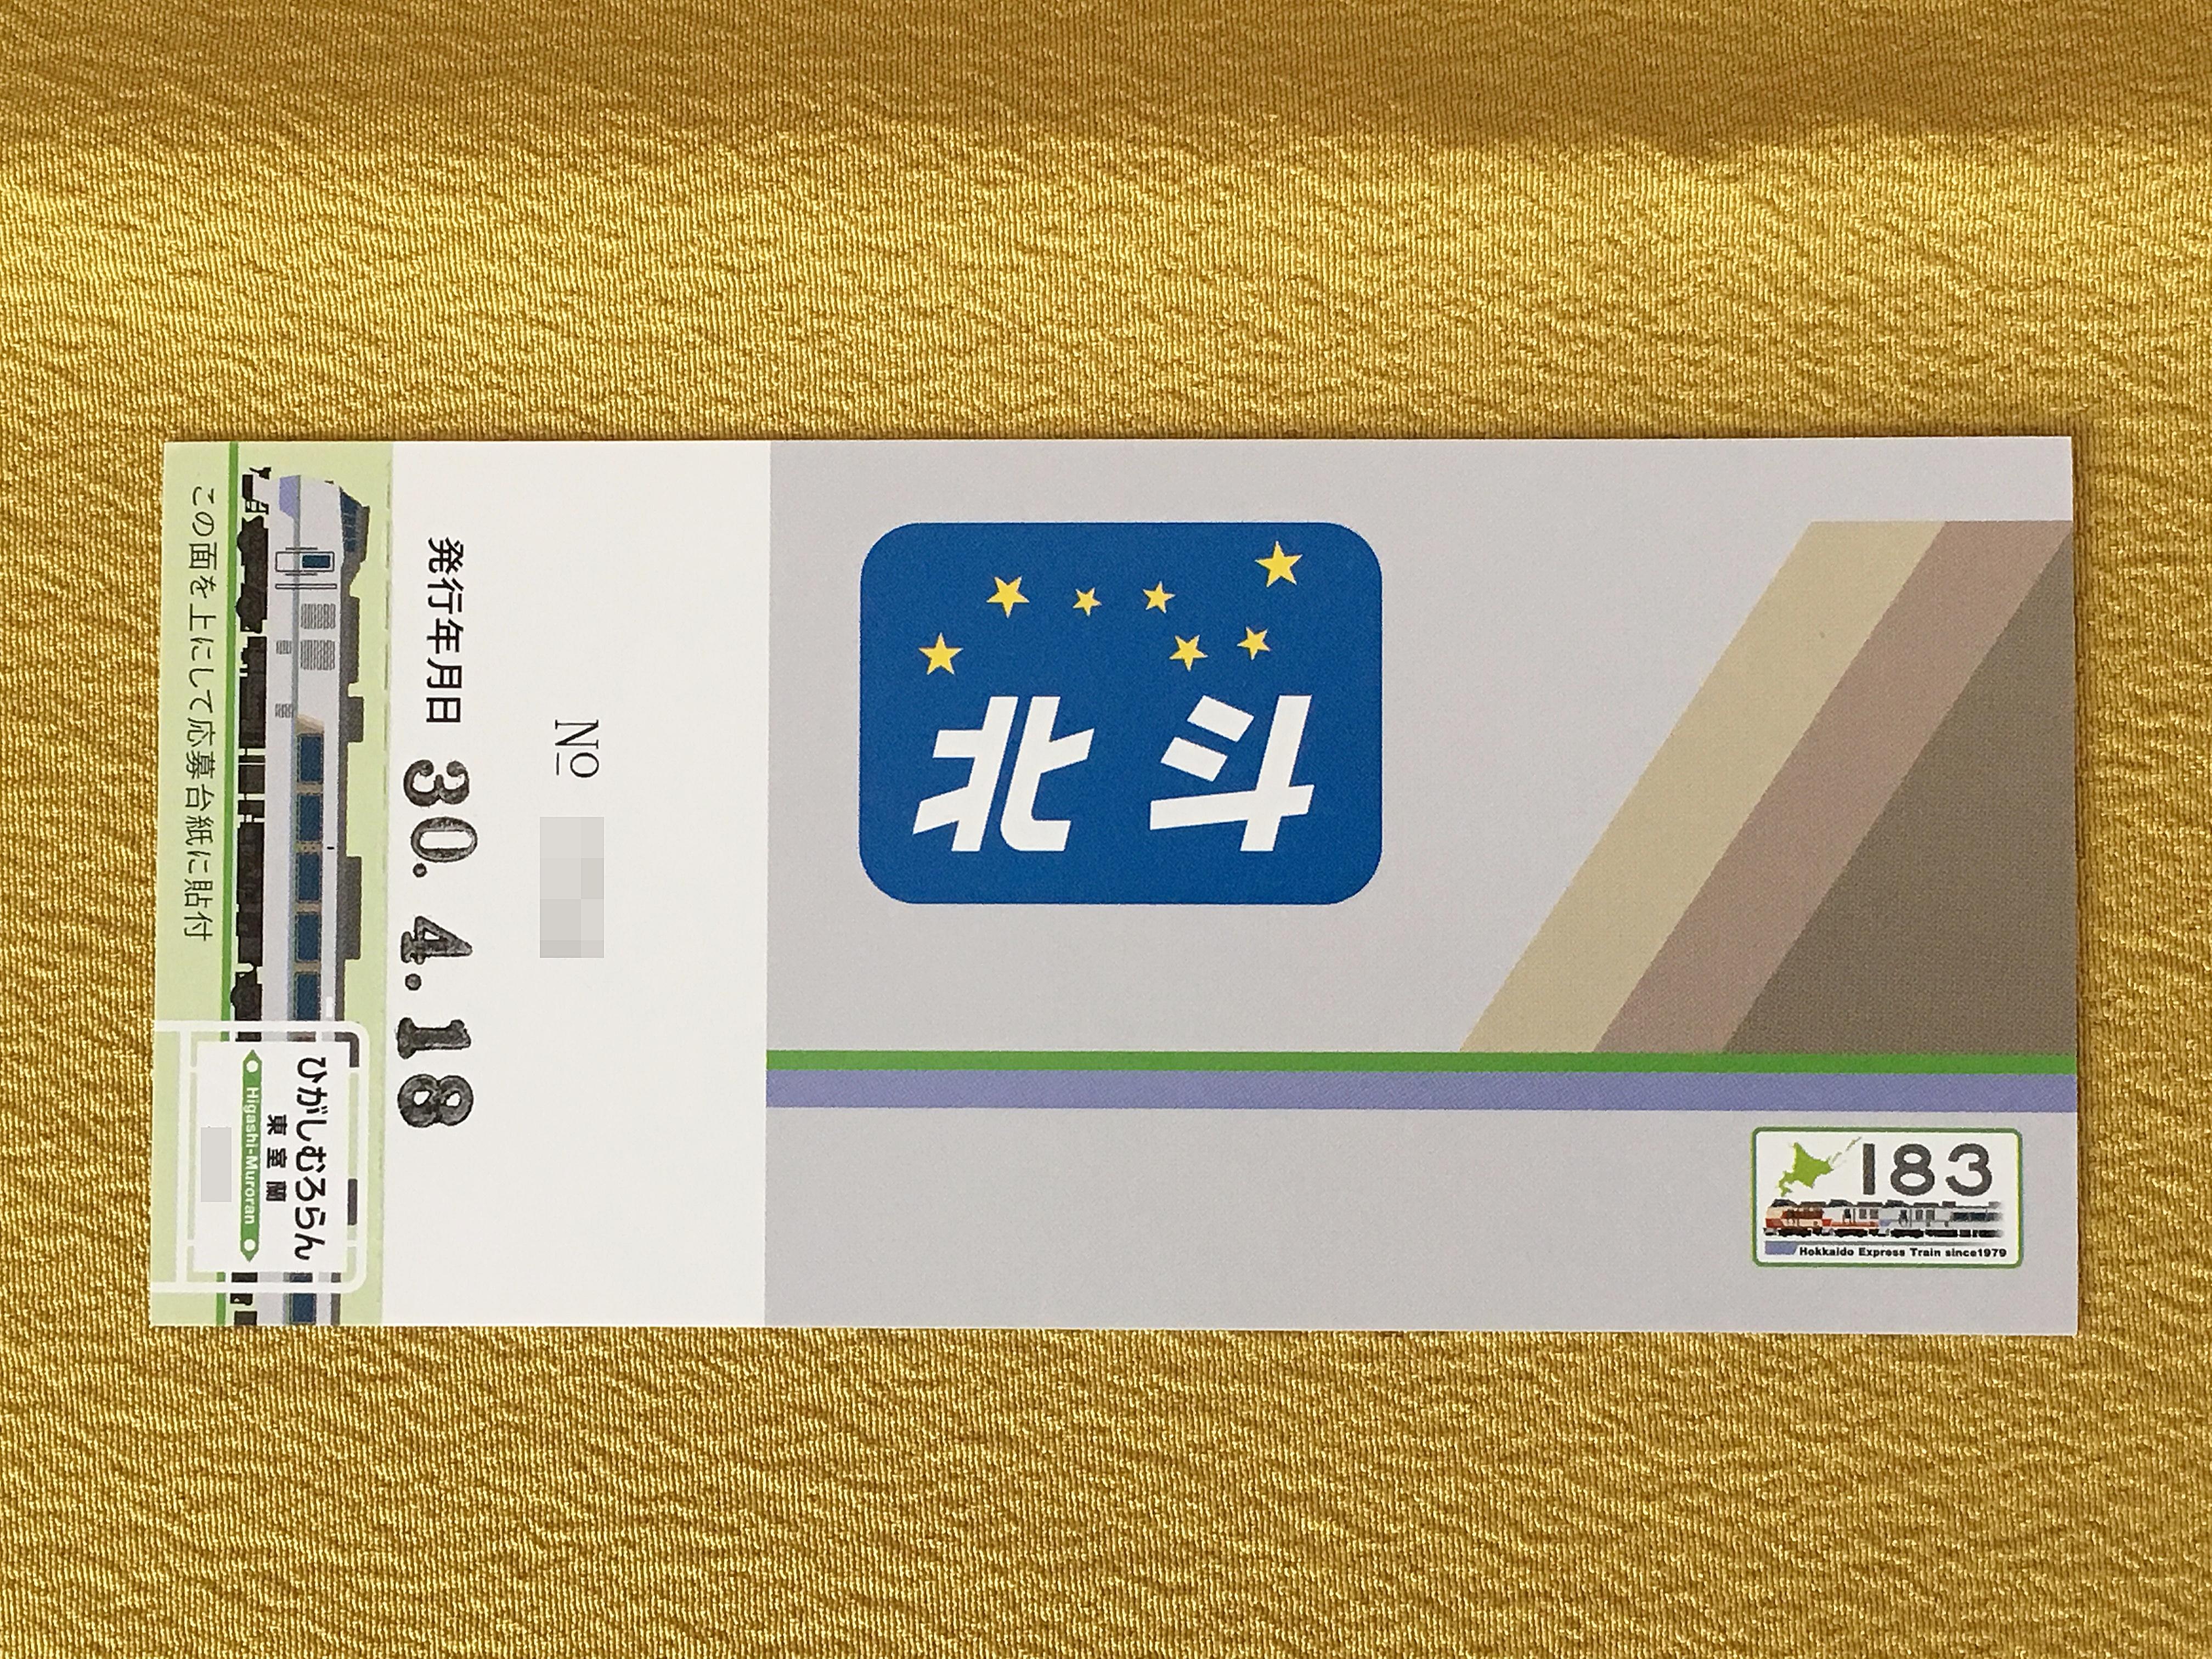 キハ183-0系記念入場券 東室蘭駅裏.JPG